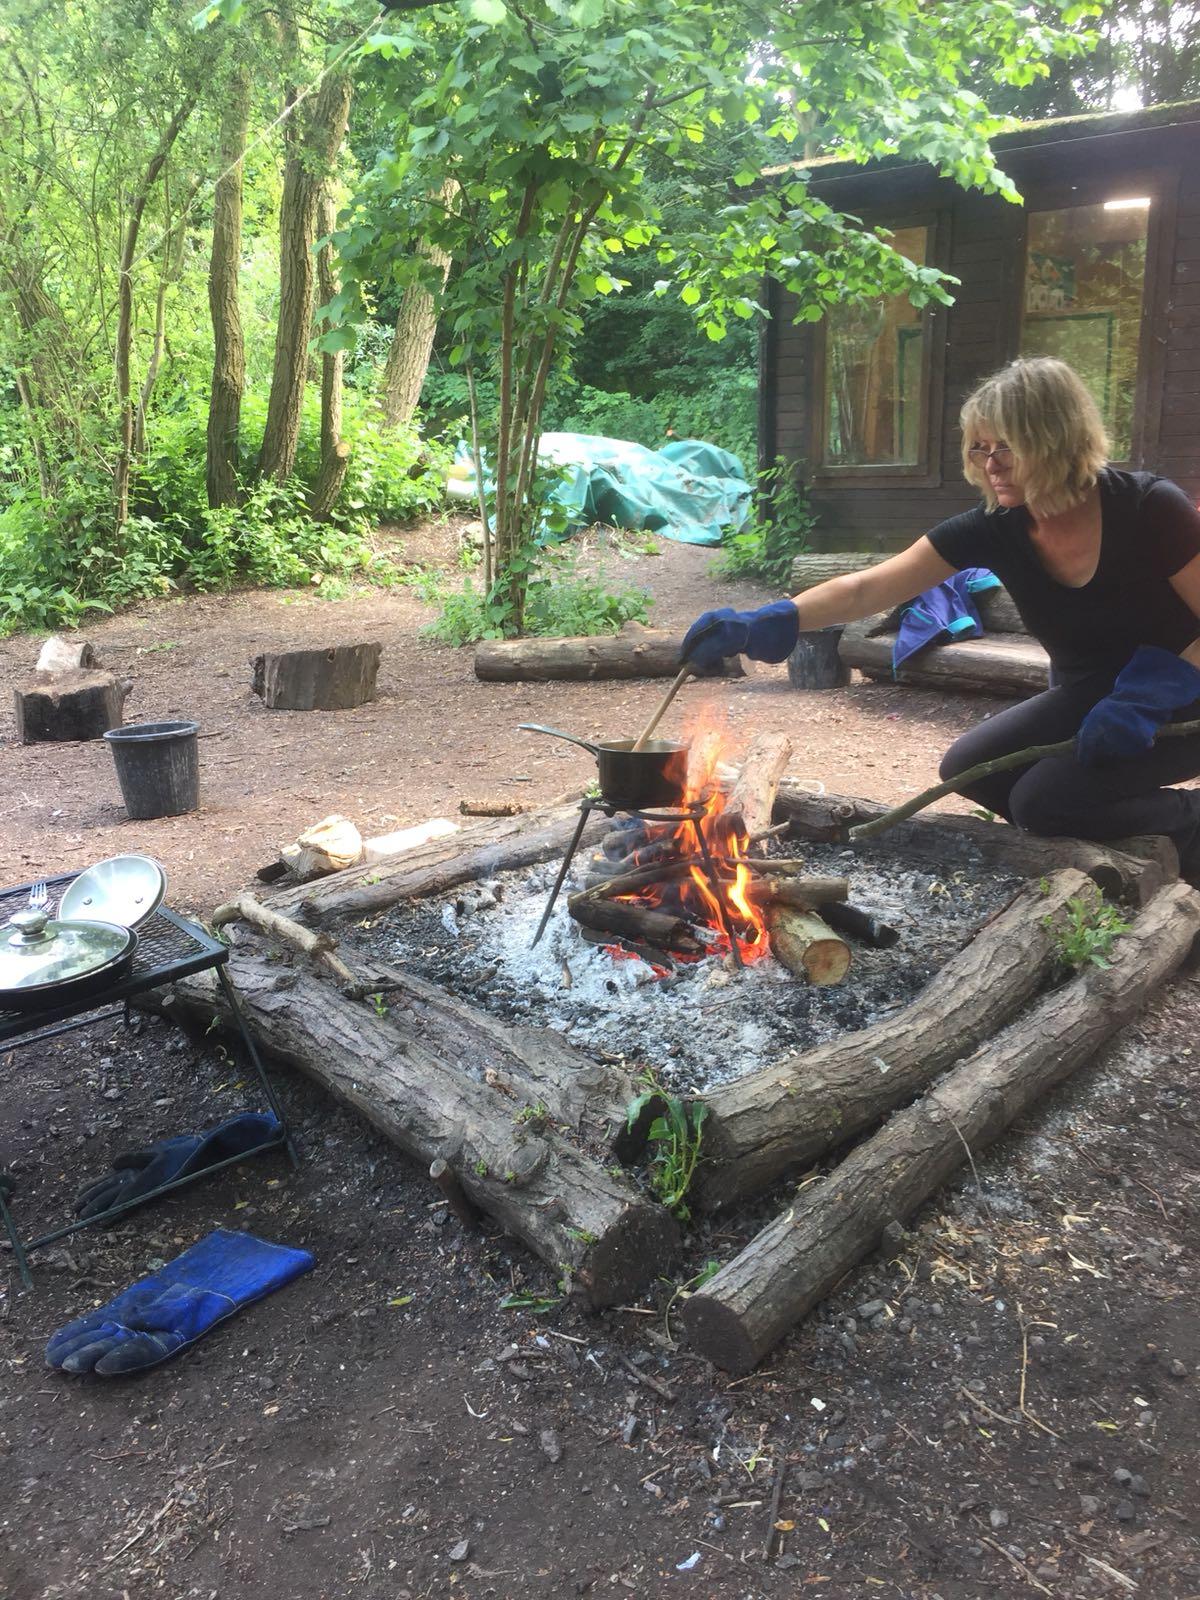 Always wear fire gauntlets when cooking on an open fire.